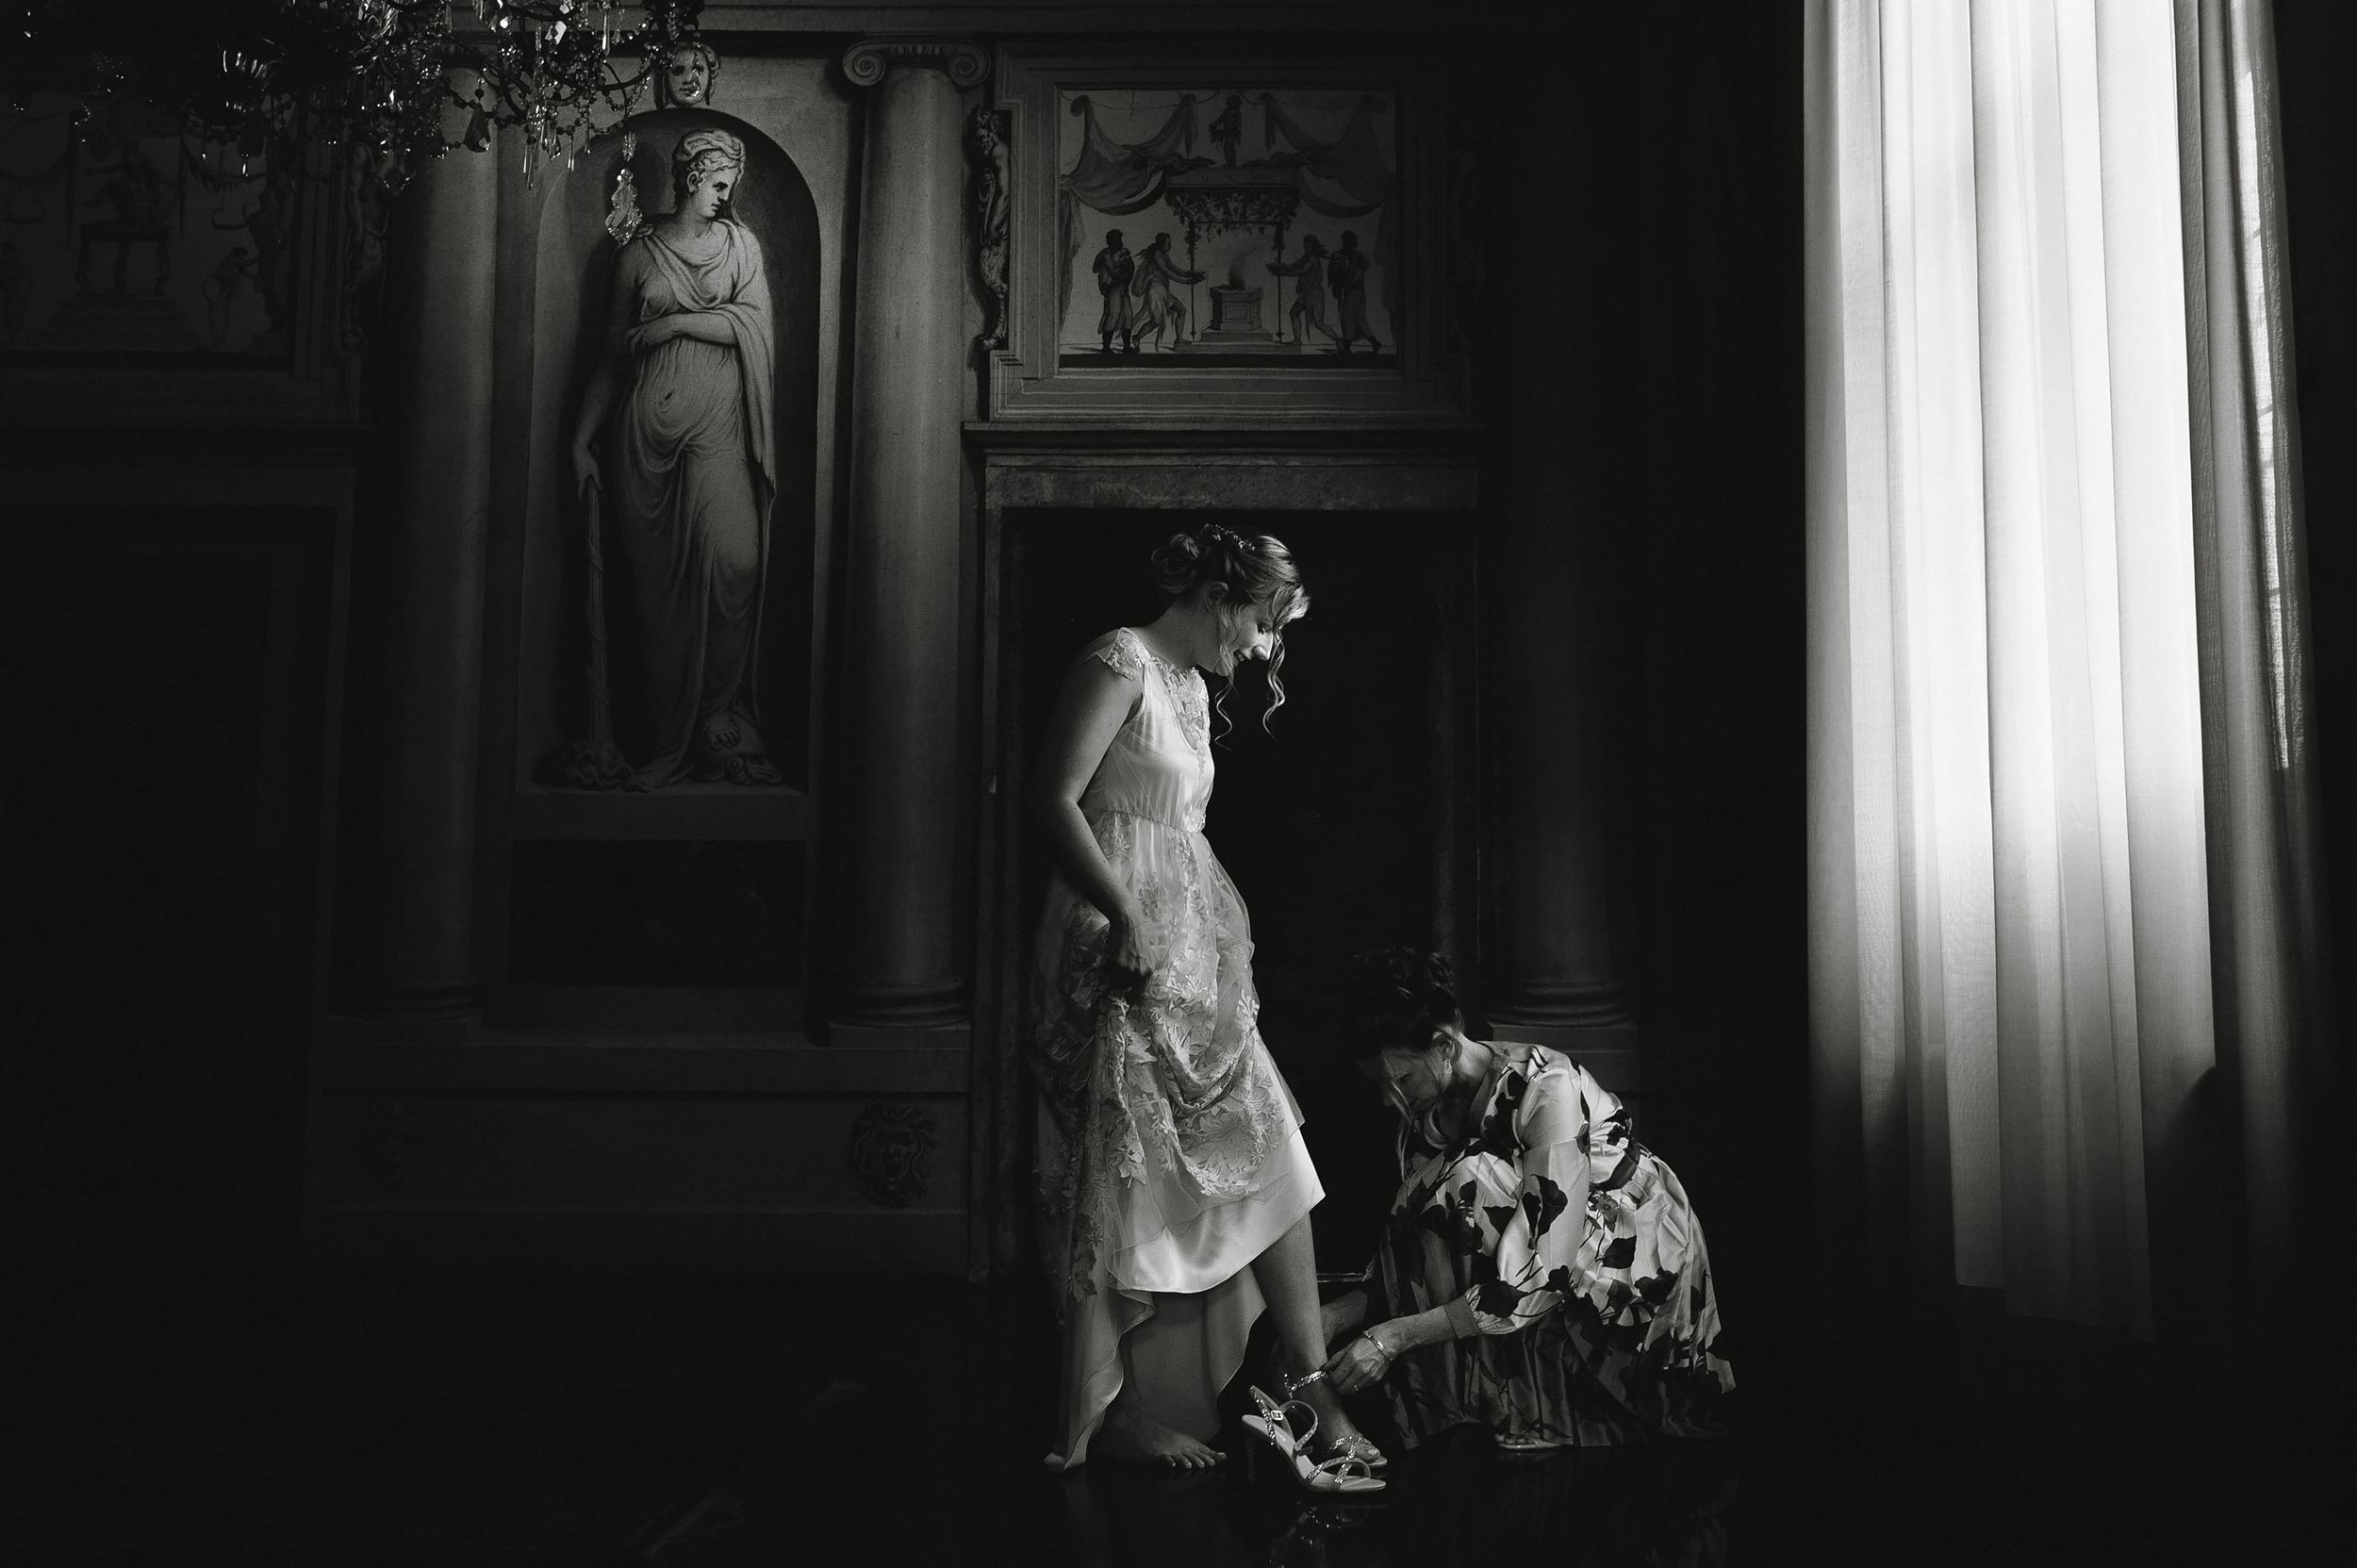 Palladio Villa Godi Malinverni Wedding Photographer Venice Alessandro Avenali Black and White